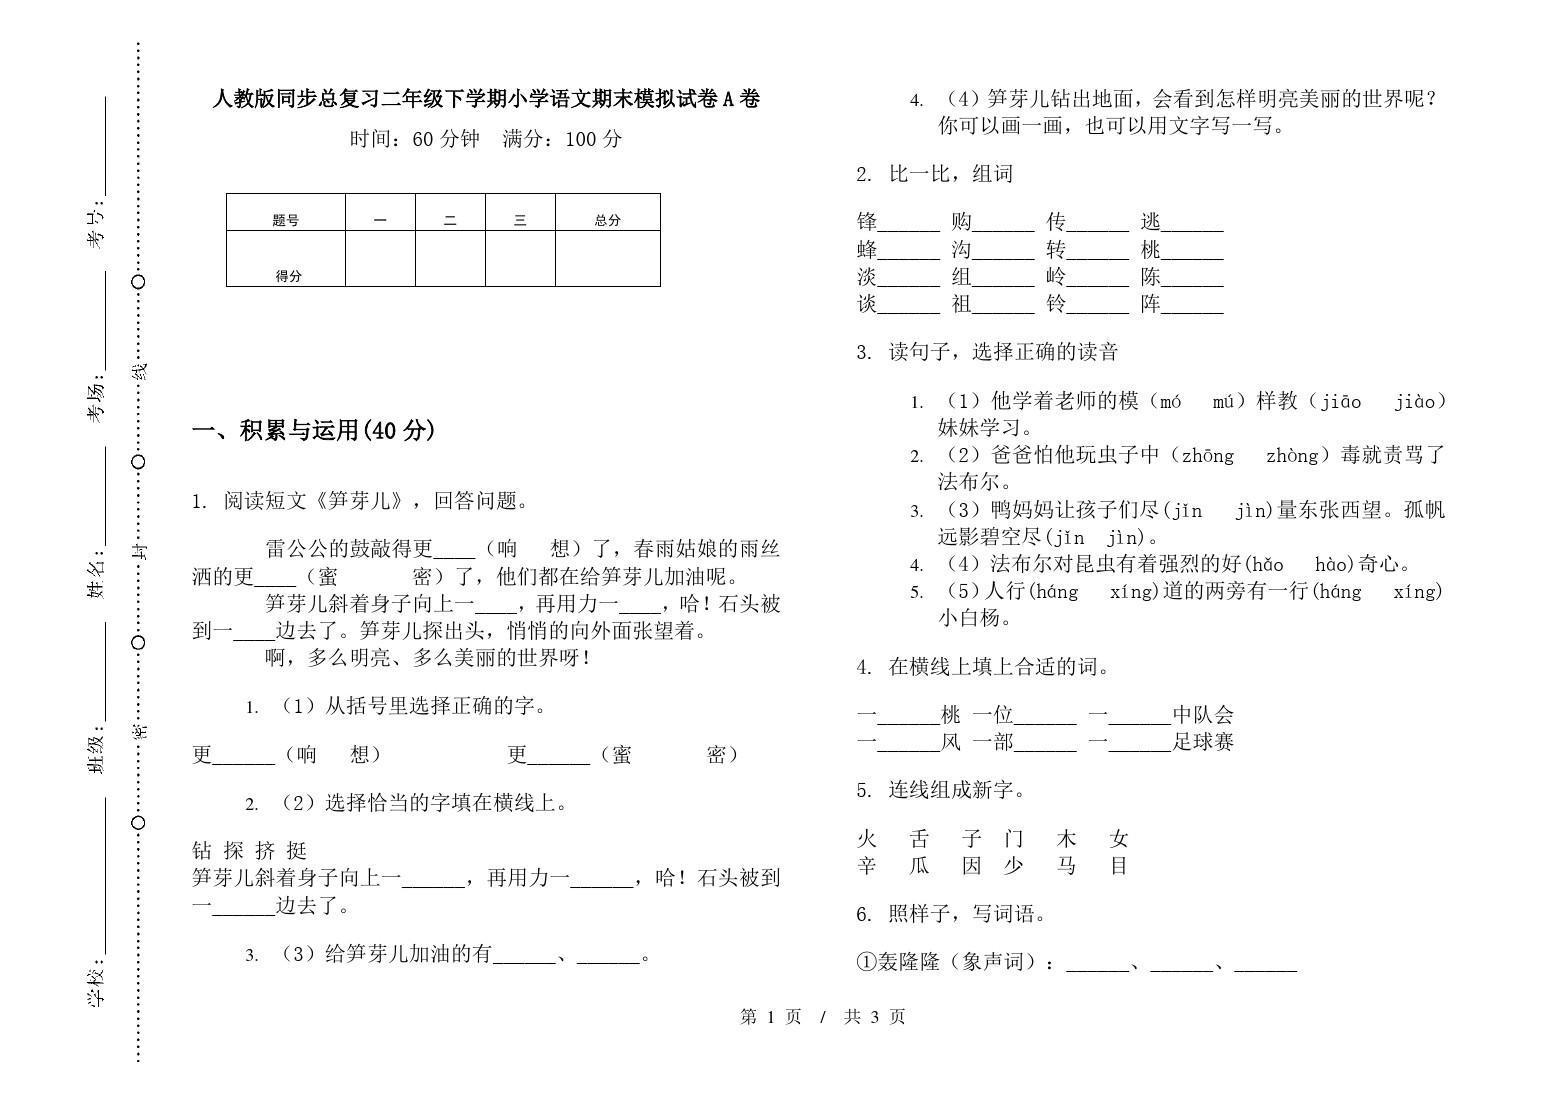 人教版同步总复习二年级下学期小学语文期末模拟试卷A卷答案